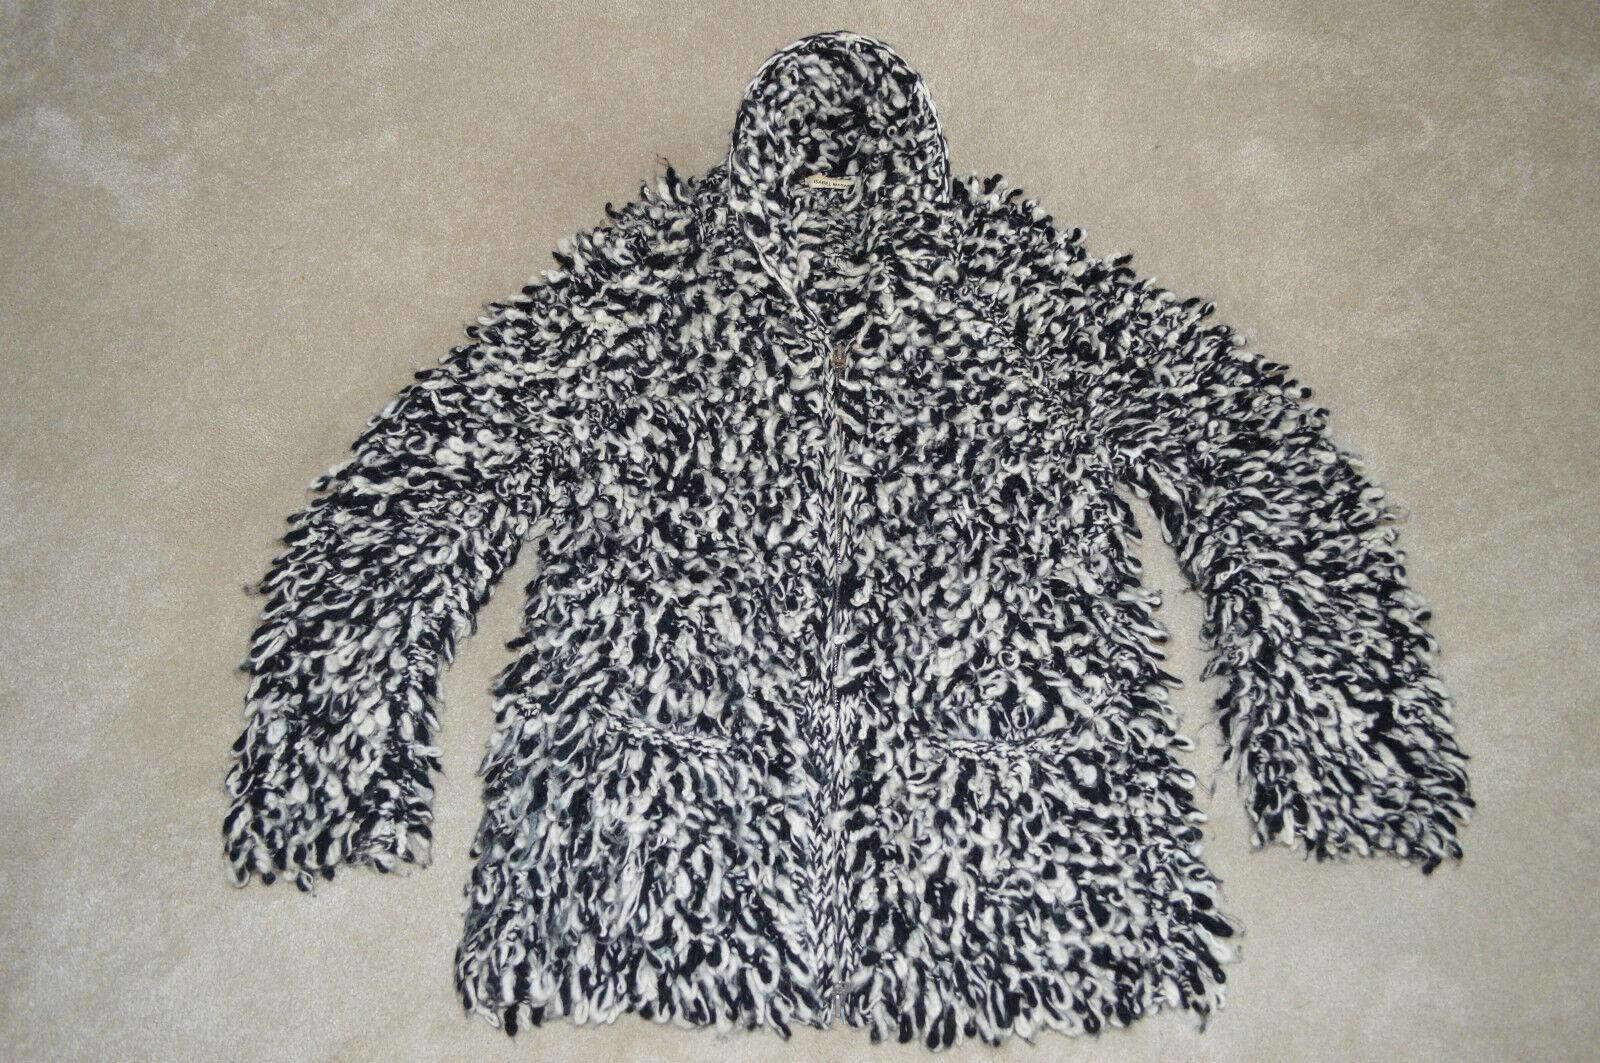 Isabel Marant H&M Negro blancoo Lana Abrigo  Chaqueta con cremallera a través de gran tamaño EU M 10 12  clásico atemporal